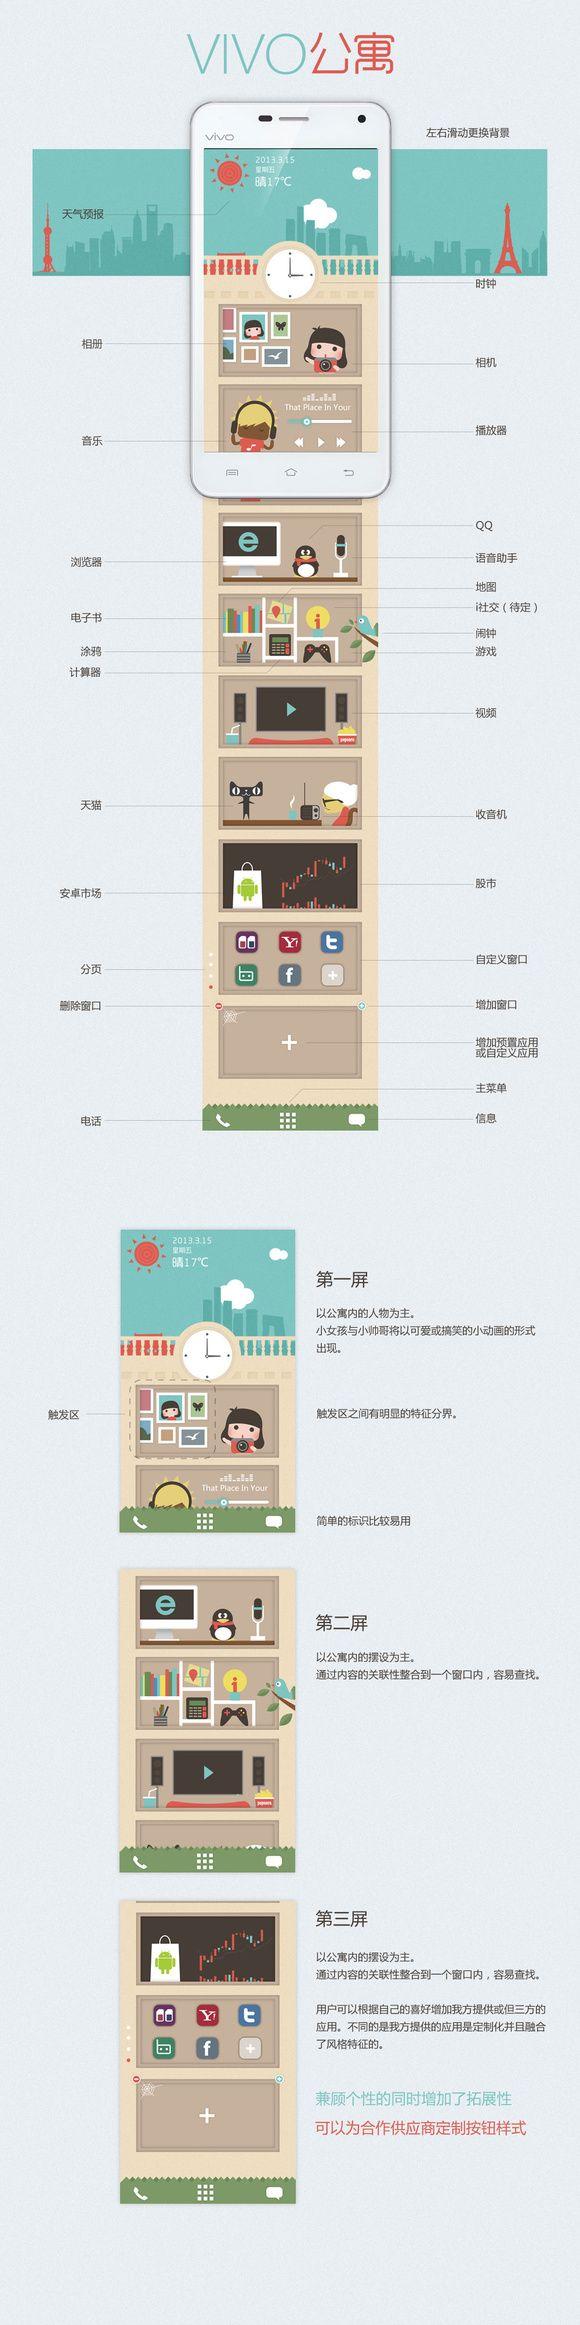 女生公寓 #多火UI#